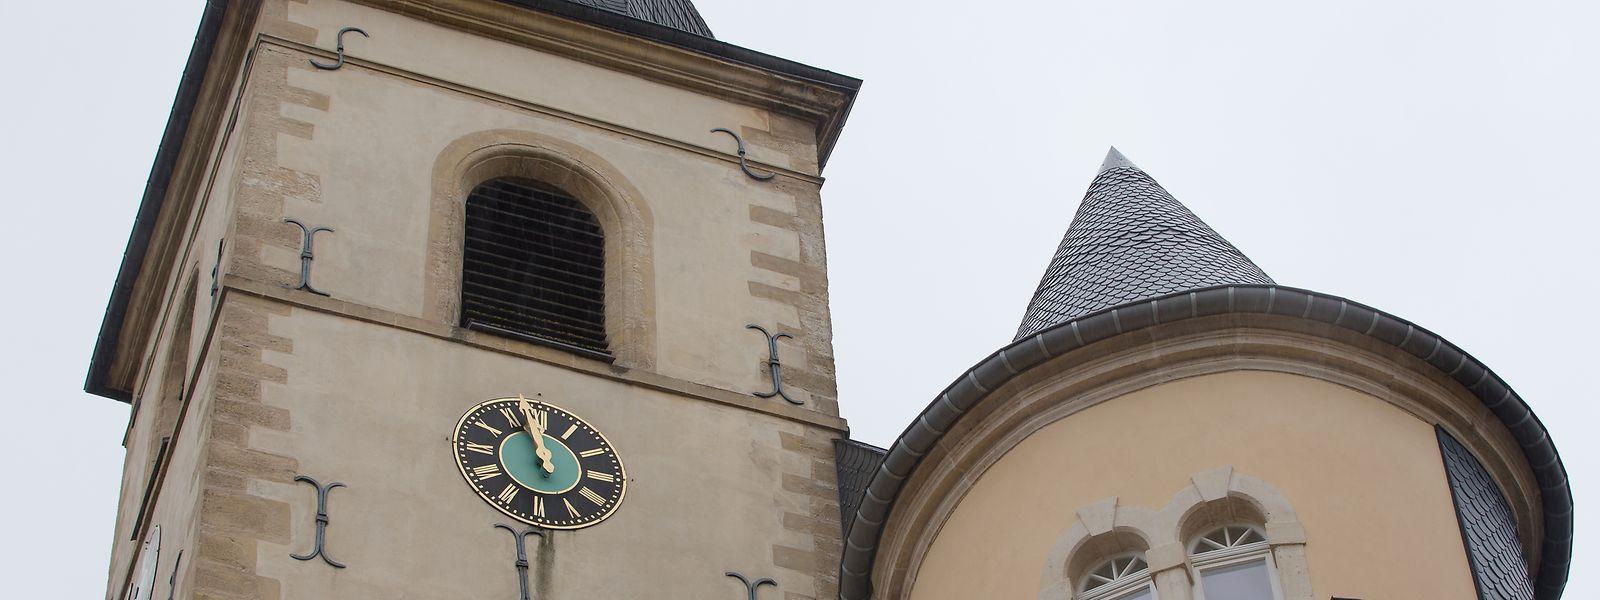 Das historische Uhrwerk der Méchelskierch ist seit 1945 defekt.